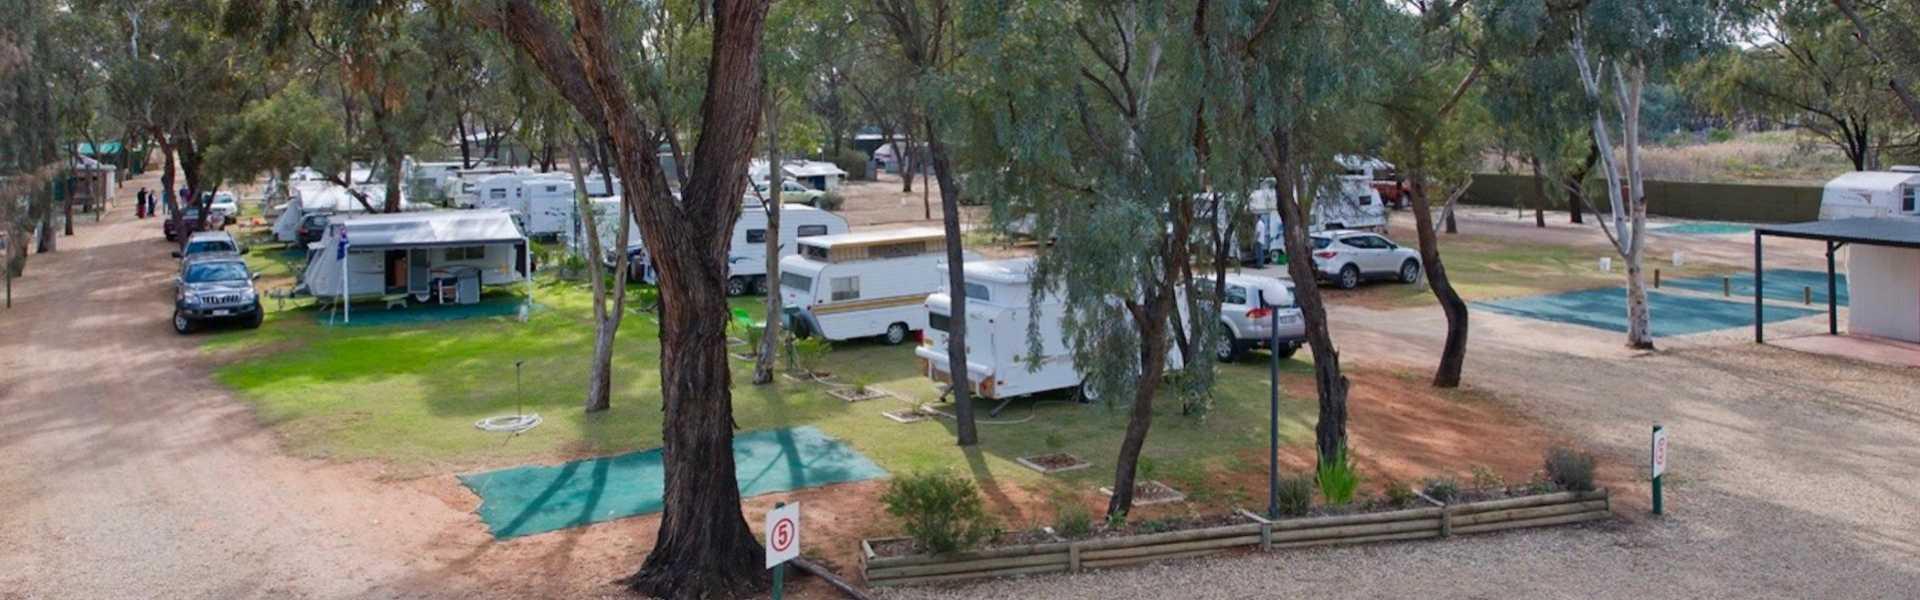 Kui Parks, Kingston on Murray Caravan Park, Sites